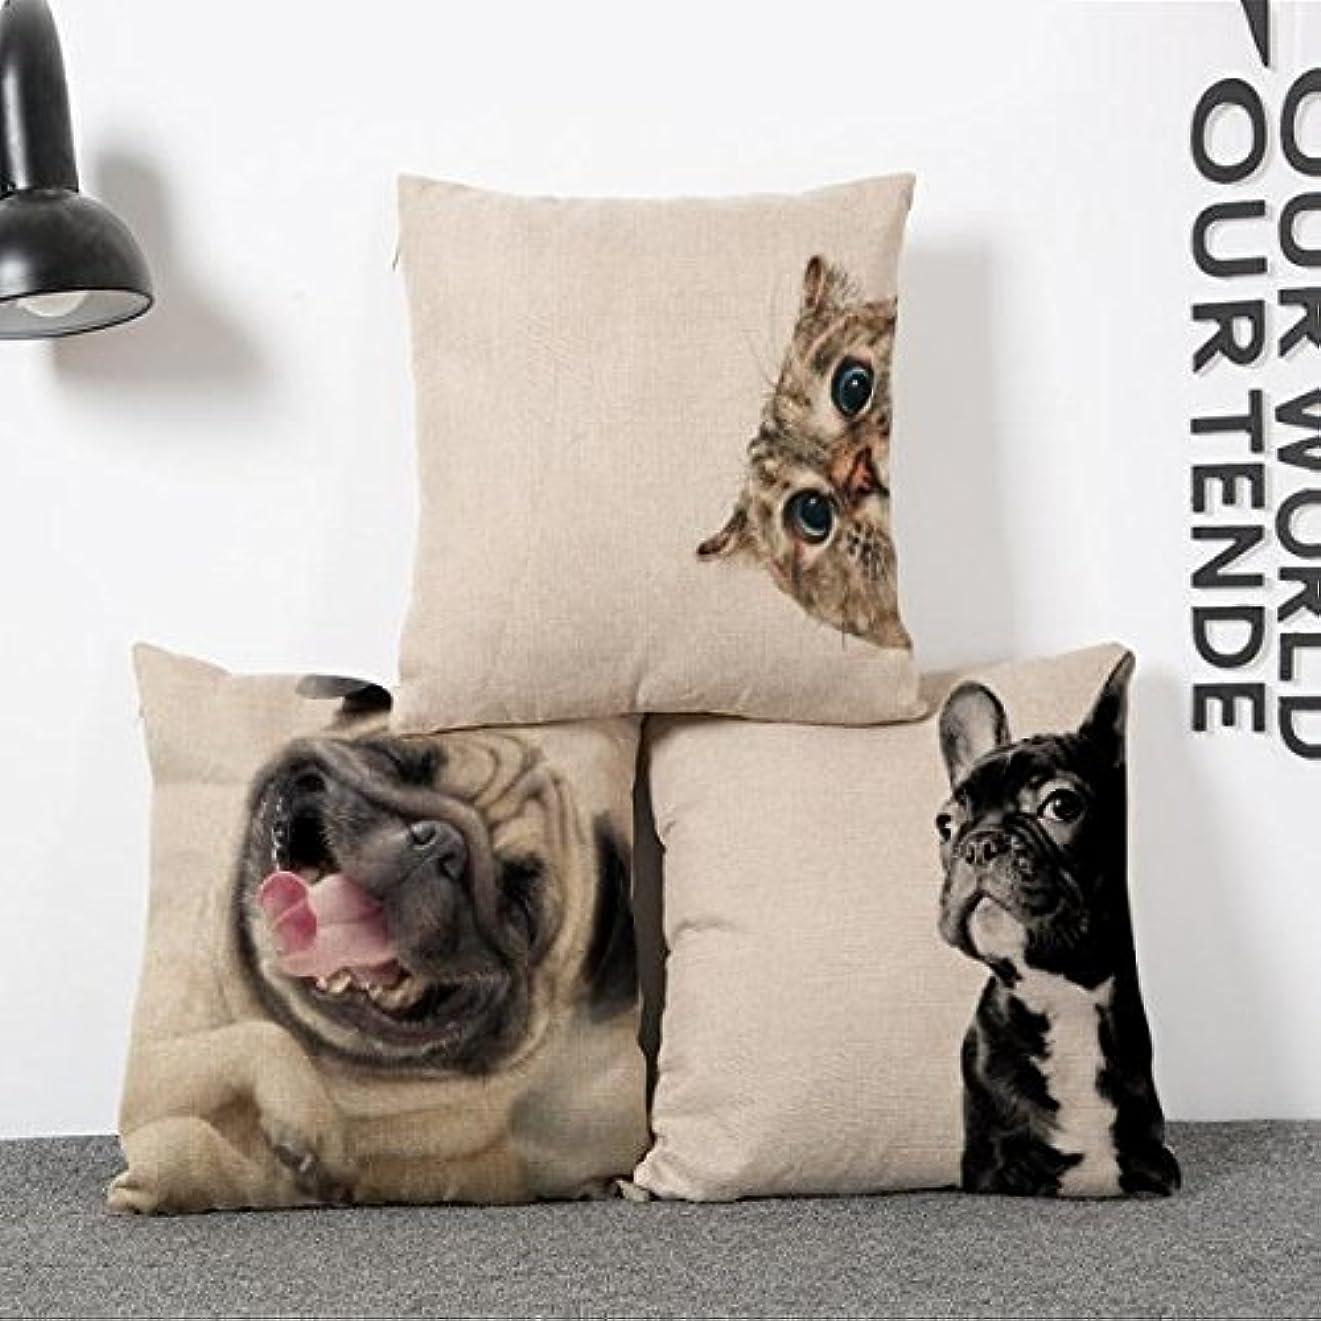 潜在的なパン兄クッションカバー 枕カバー ベッド ソファ 装飾 45 * 45センチメートル 素敵 犬 コットン リネン